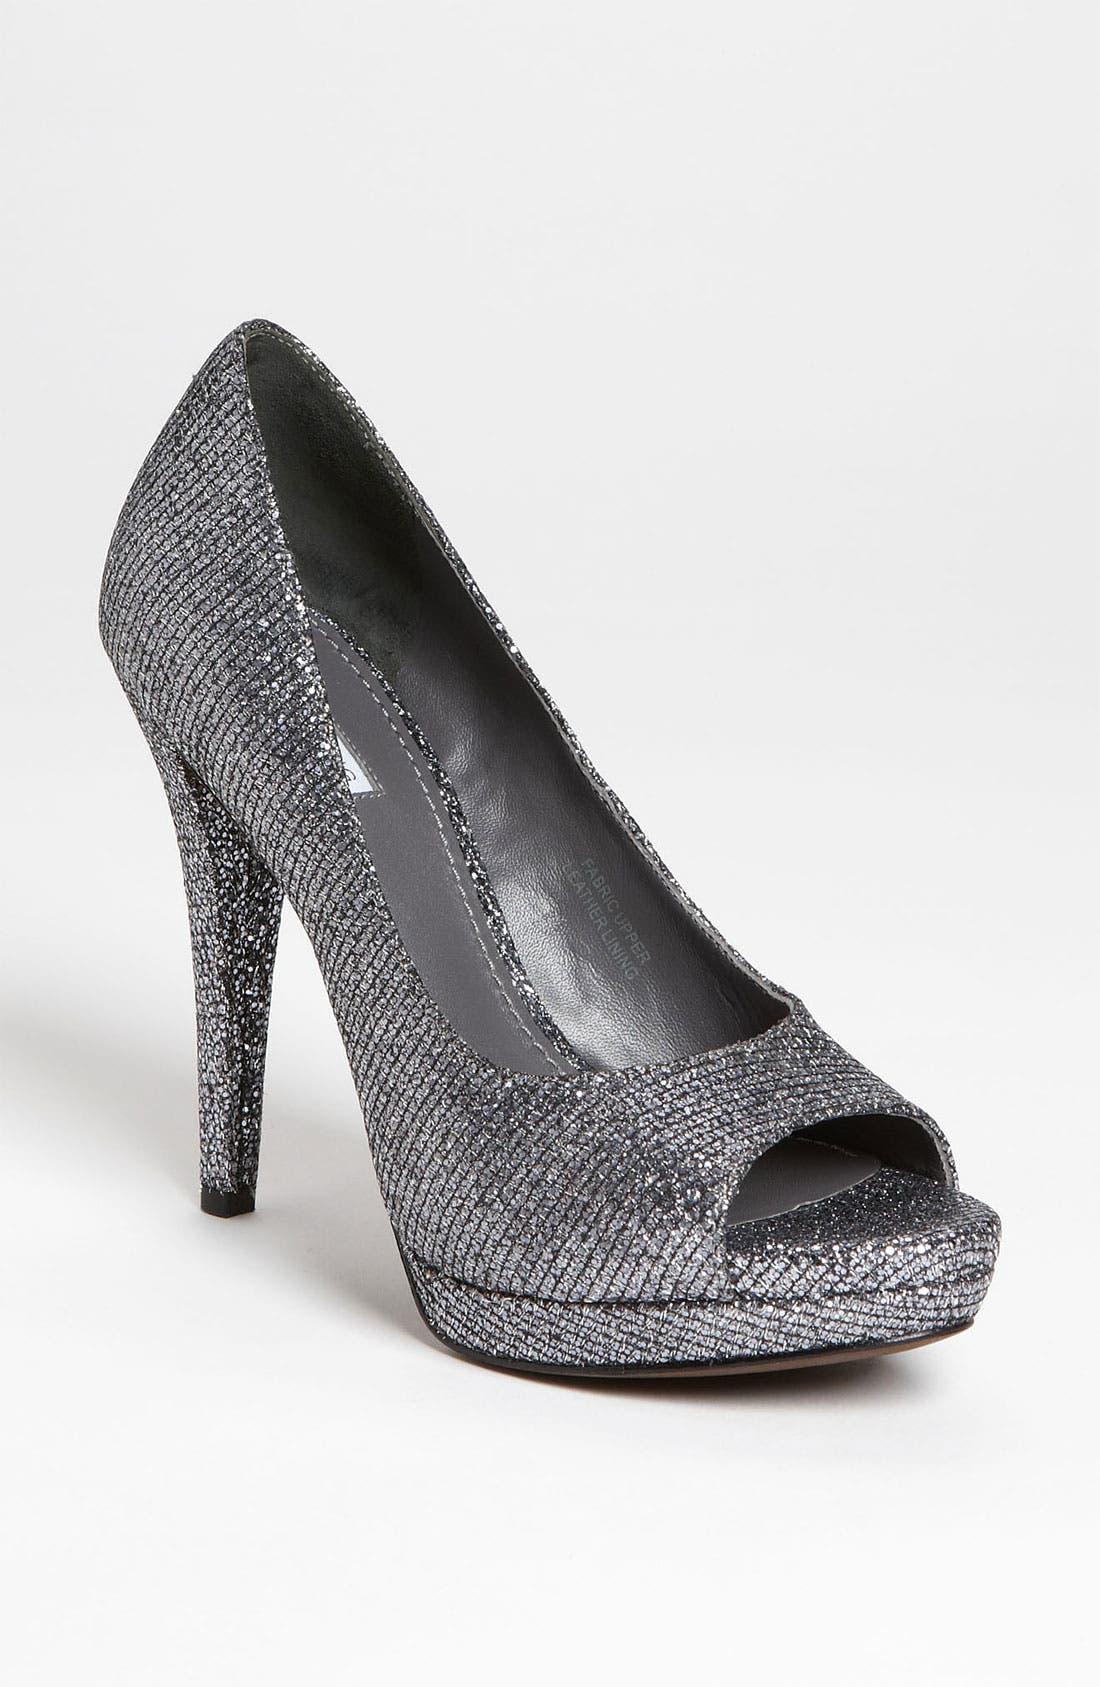 Main Image - Vera Wang Footwear 'Selima' Peep Toe Pump